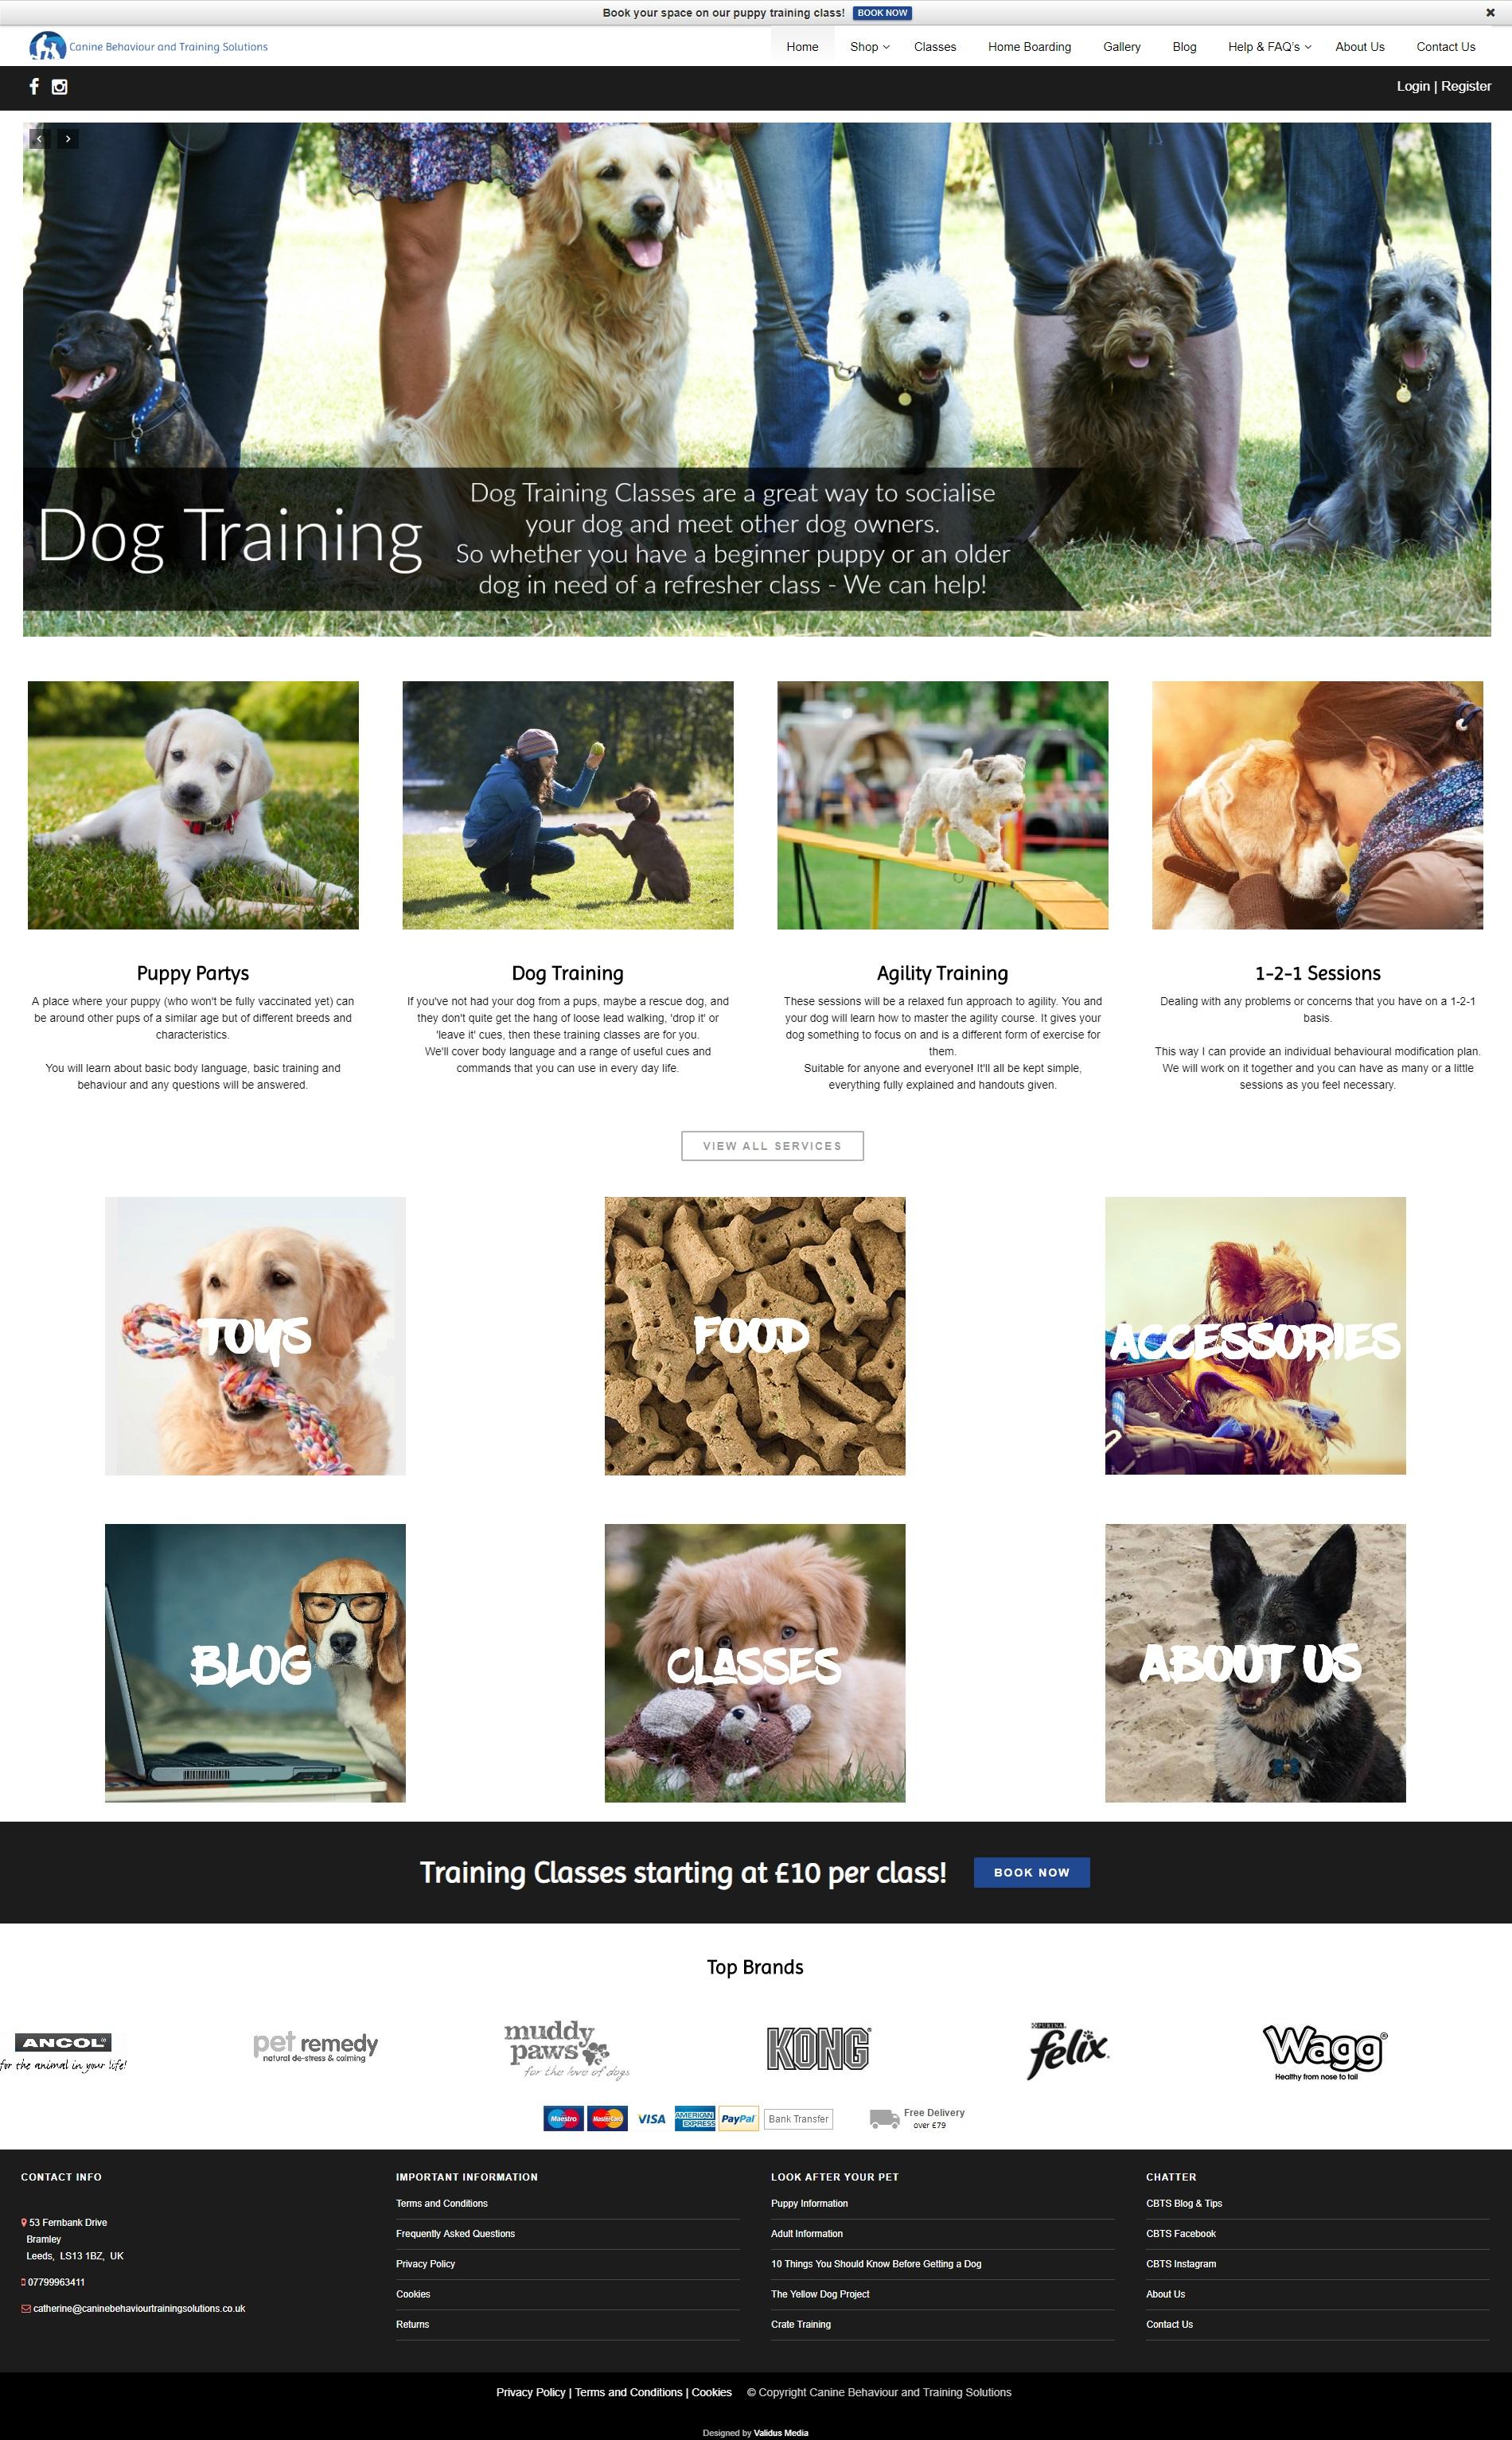 Canine Behaviour and Training Solutionsdotcom